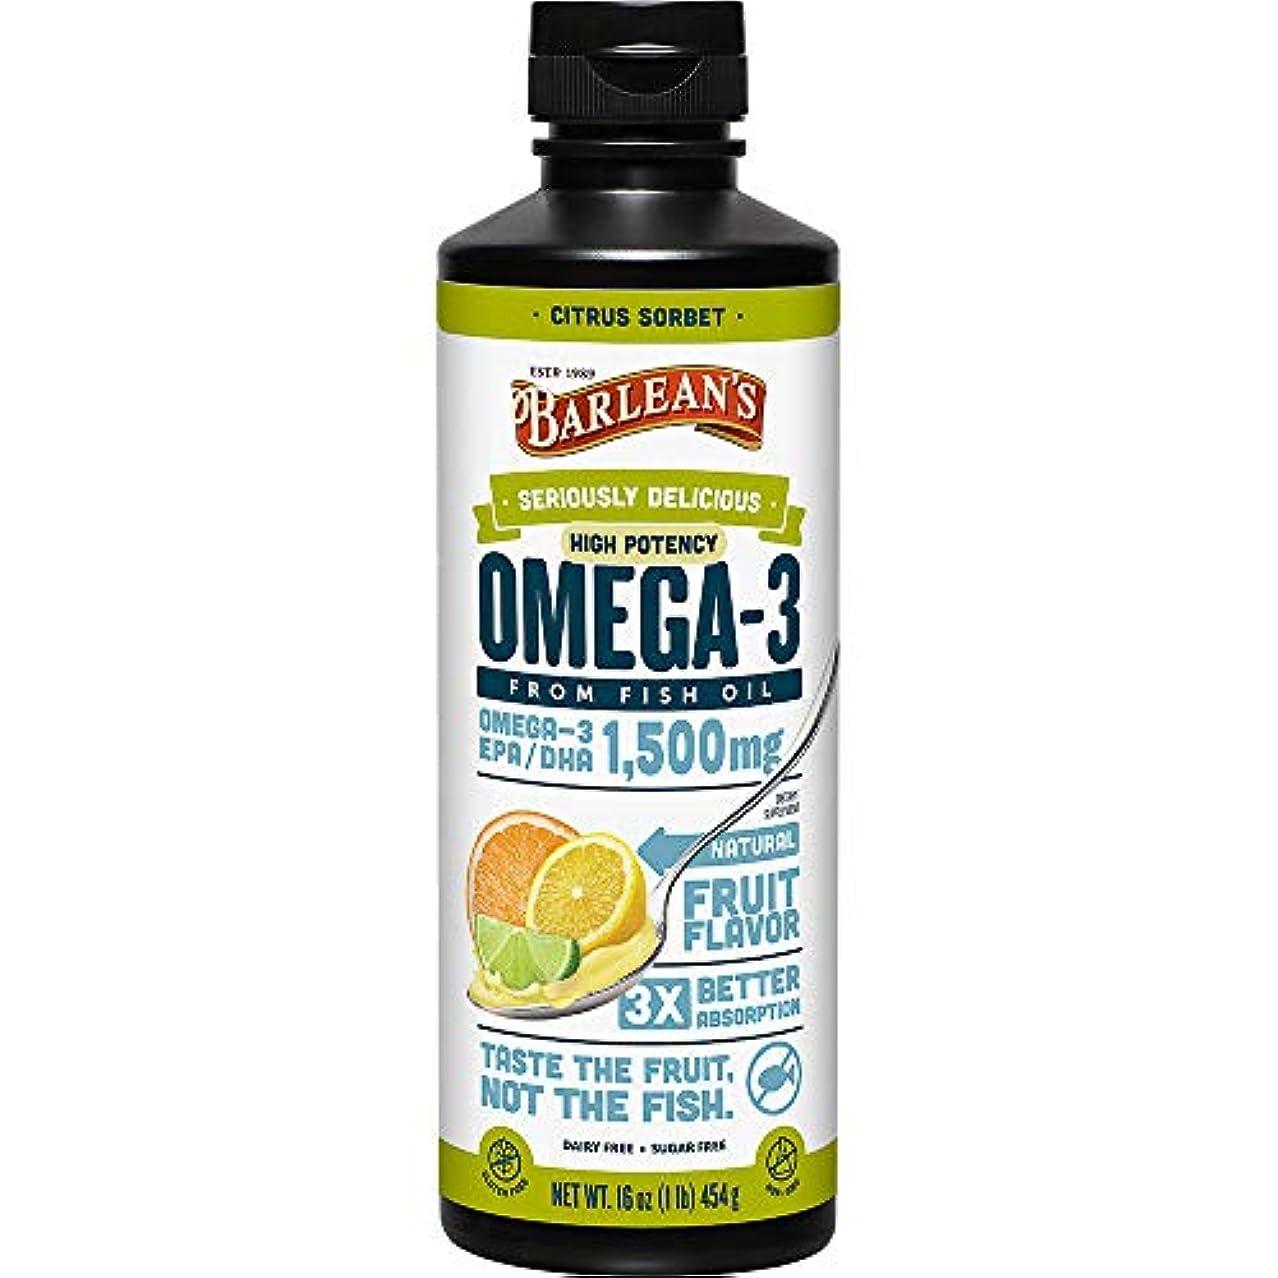 グラディス国家コーデリアOmega Swirl, Ultra High Potency Fish Oil, Citrus Sorbet - Barlean's - UK Seller by Barlean's